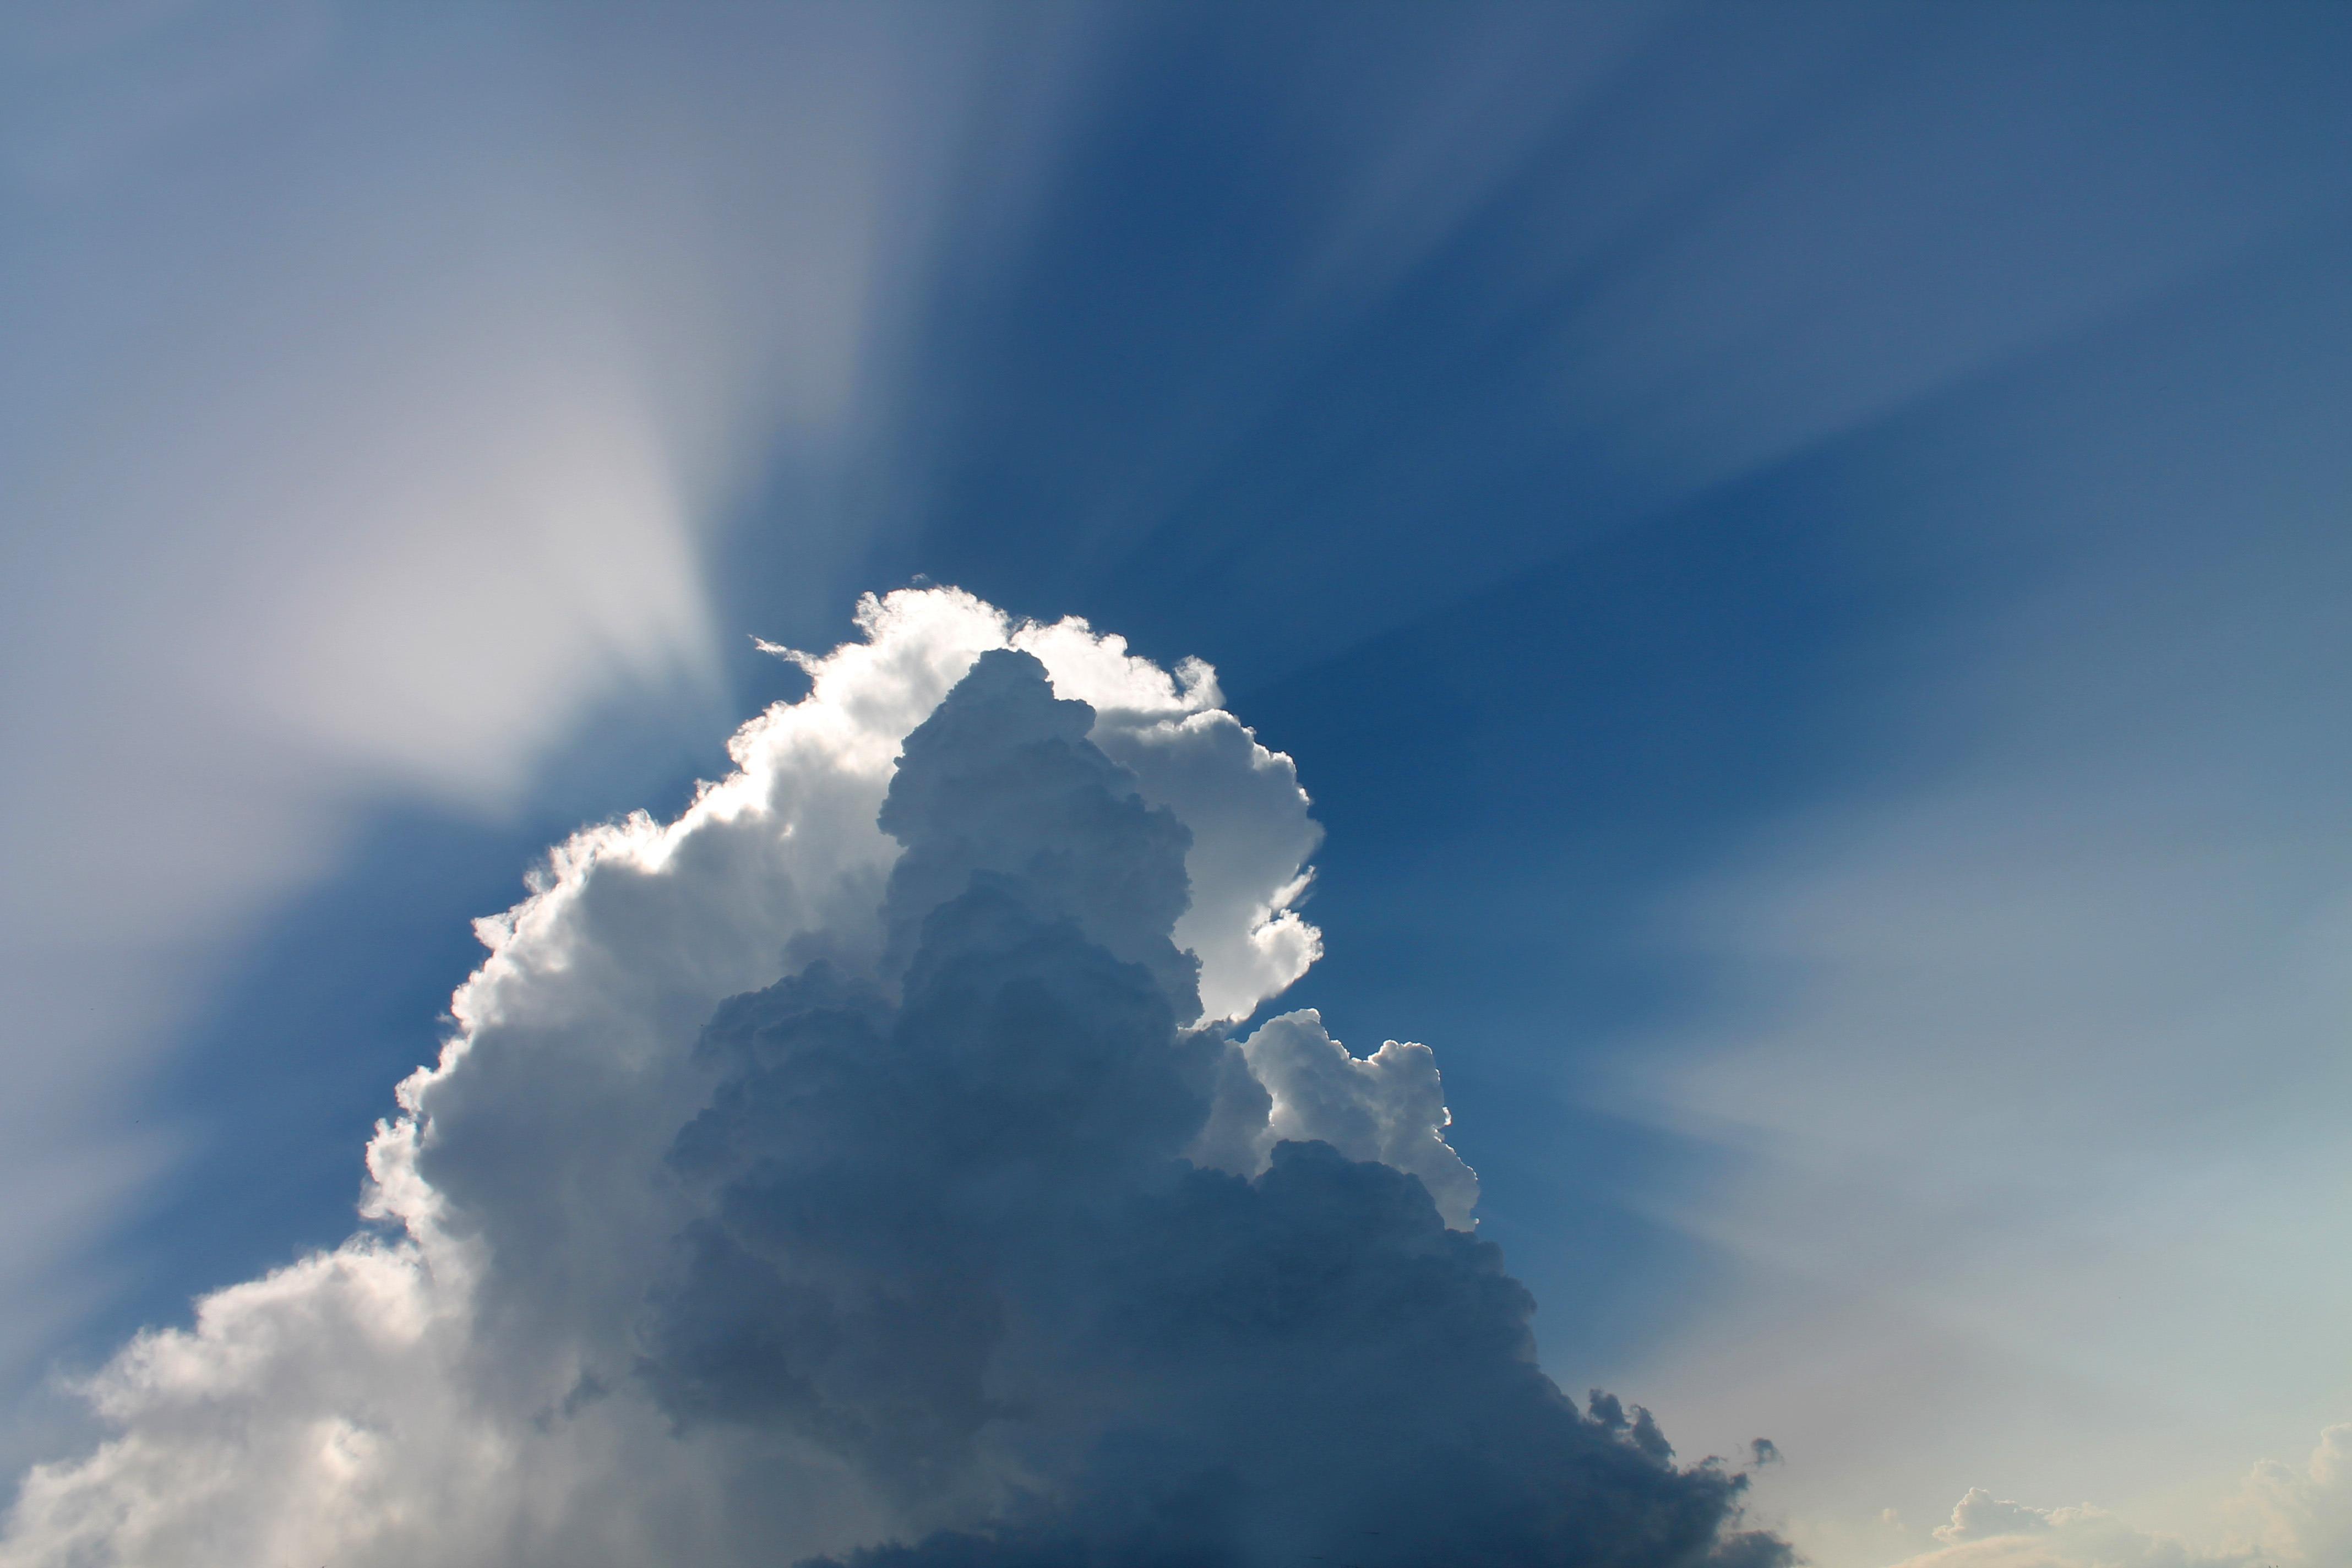 Fotos Gratis Nube Luz De Sol Atmósfera Tiempo De Día Espacio